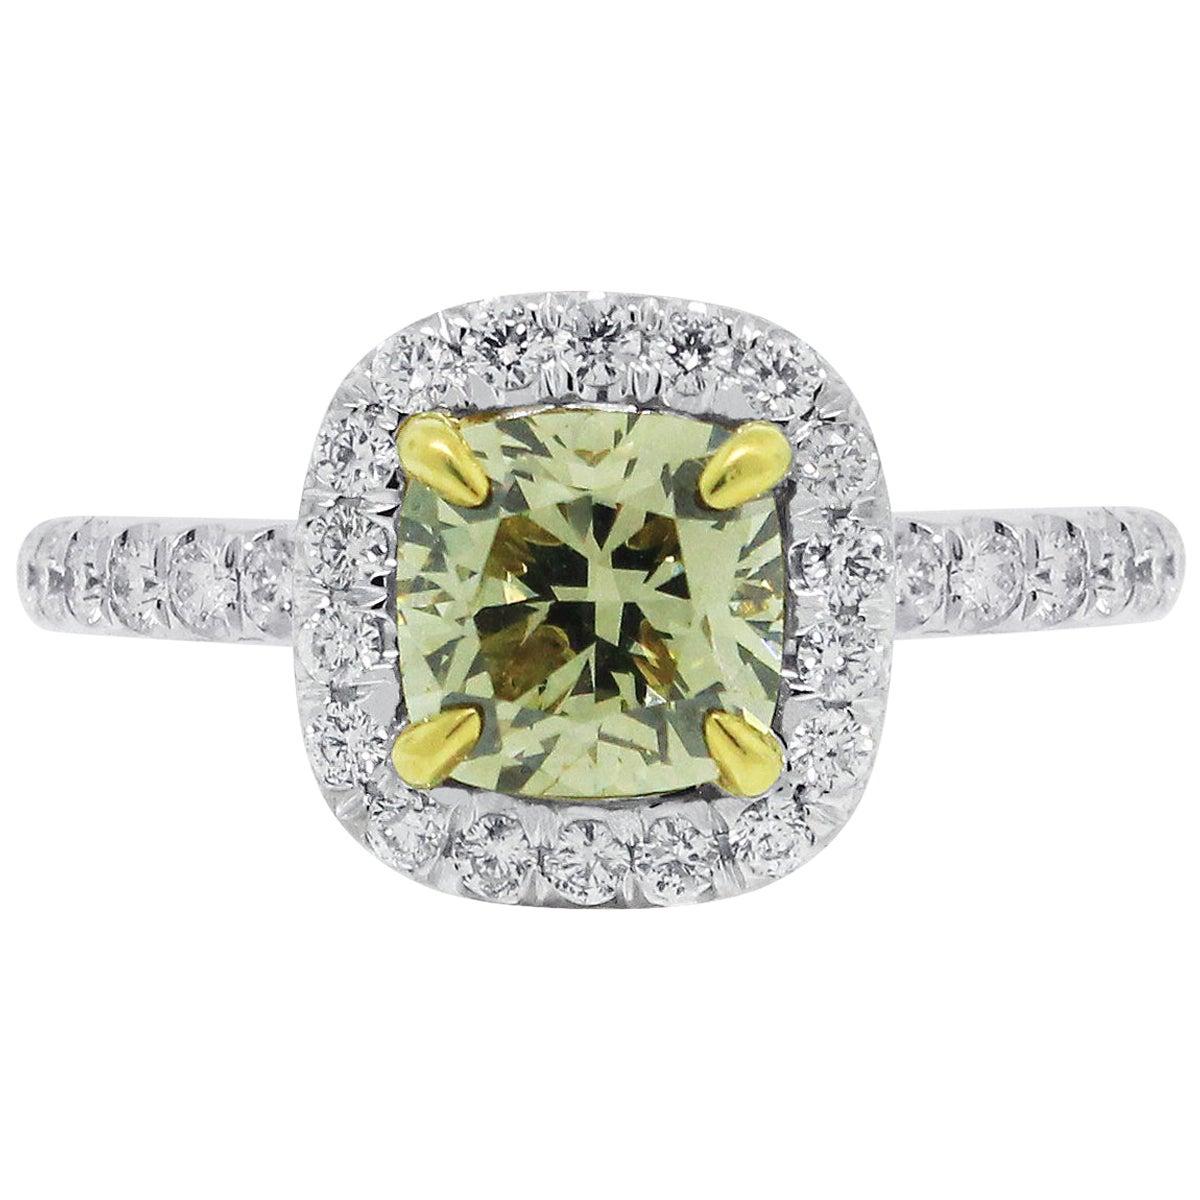 GIA Certified 1.23 Carat Diamond Engagement Ring